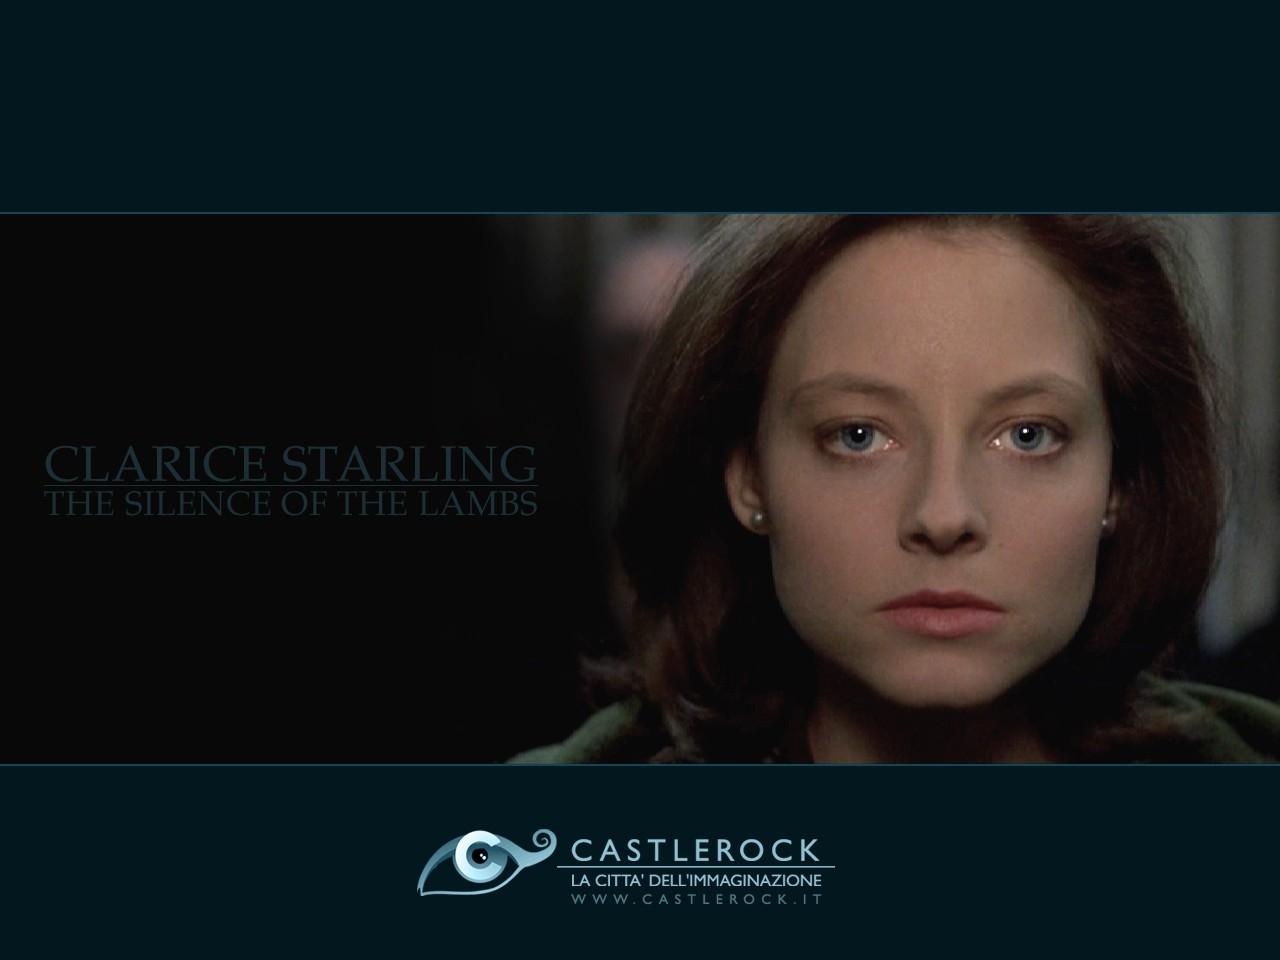 Wallpaper de Il silenzio degli innocenti con Jodie Foster